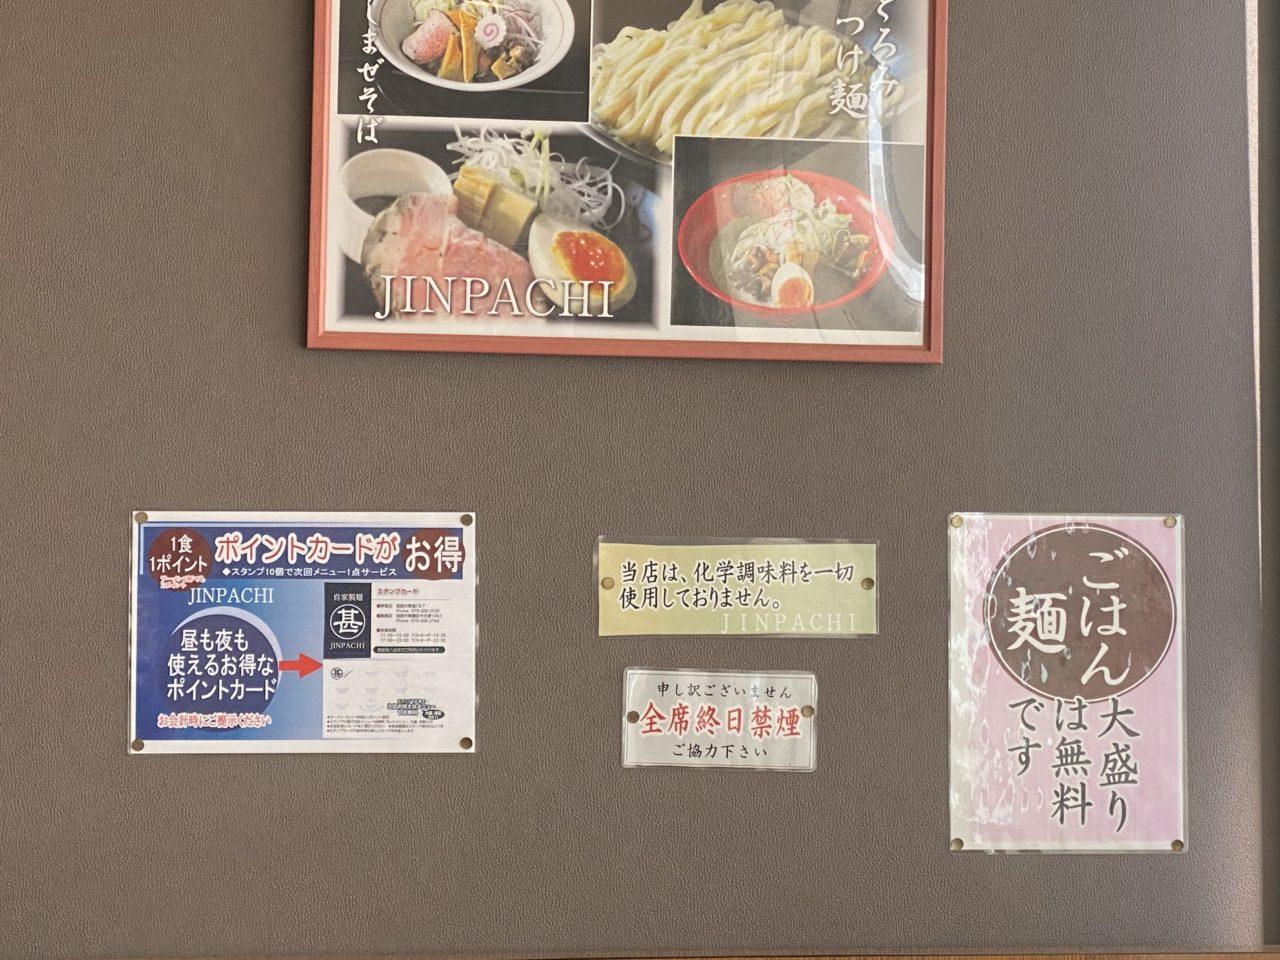 飾磨の甚八で中華そばを食べた!こだわりのスープはもちろん完飲